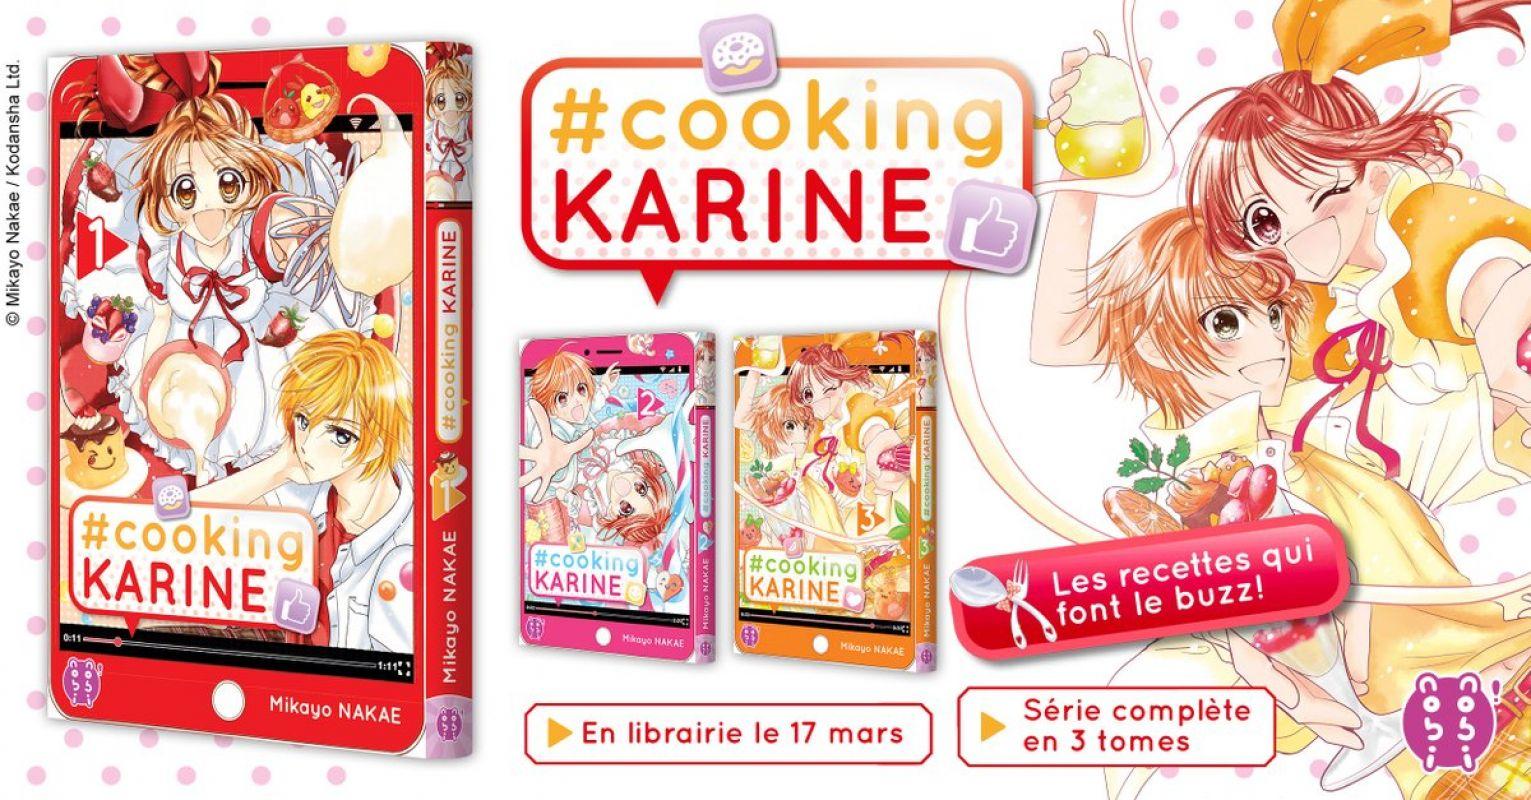 #Cooking Karine chez Nobi-nobi